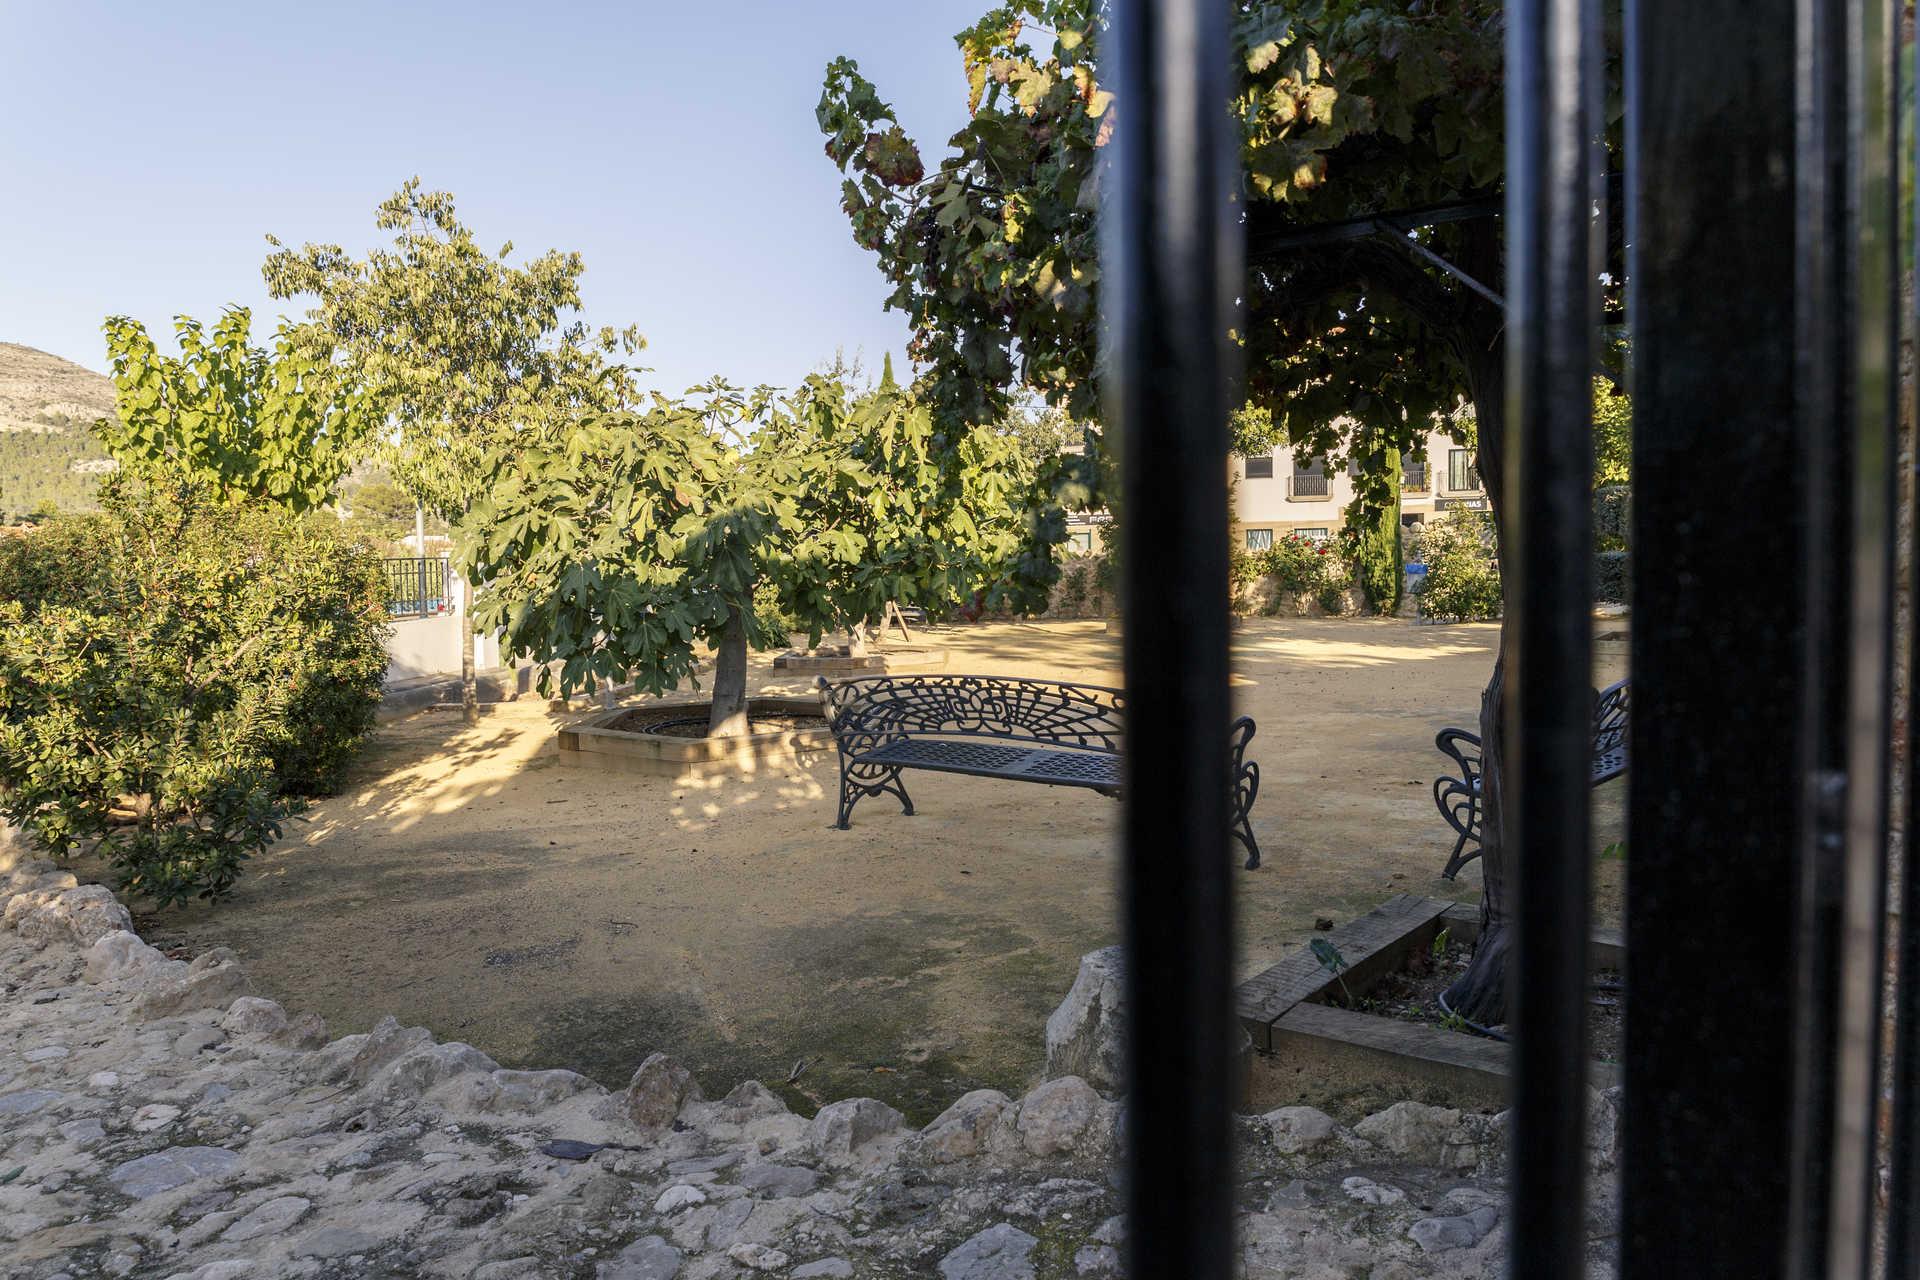 Parc de l'hortet (Vegetable Garden)